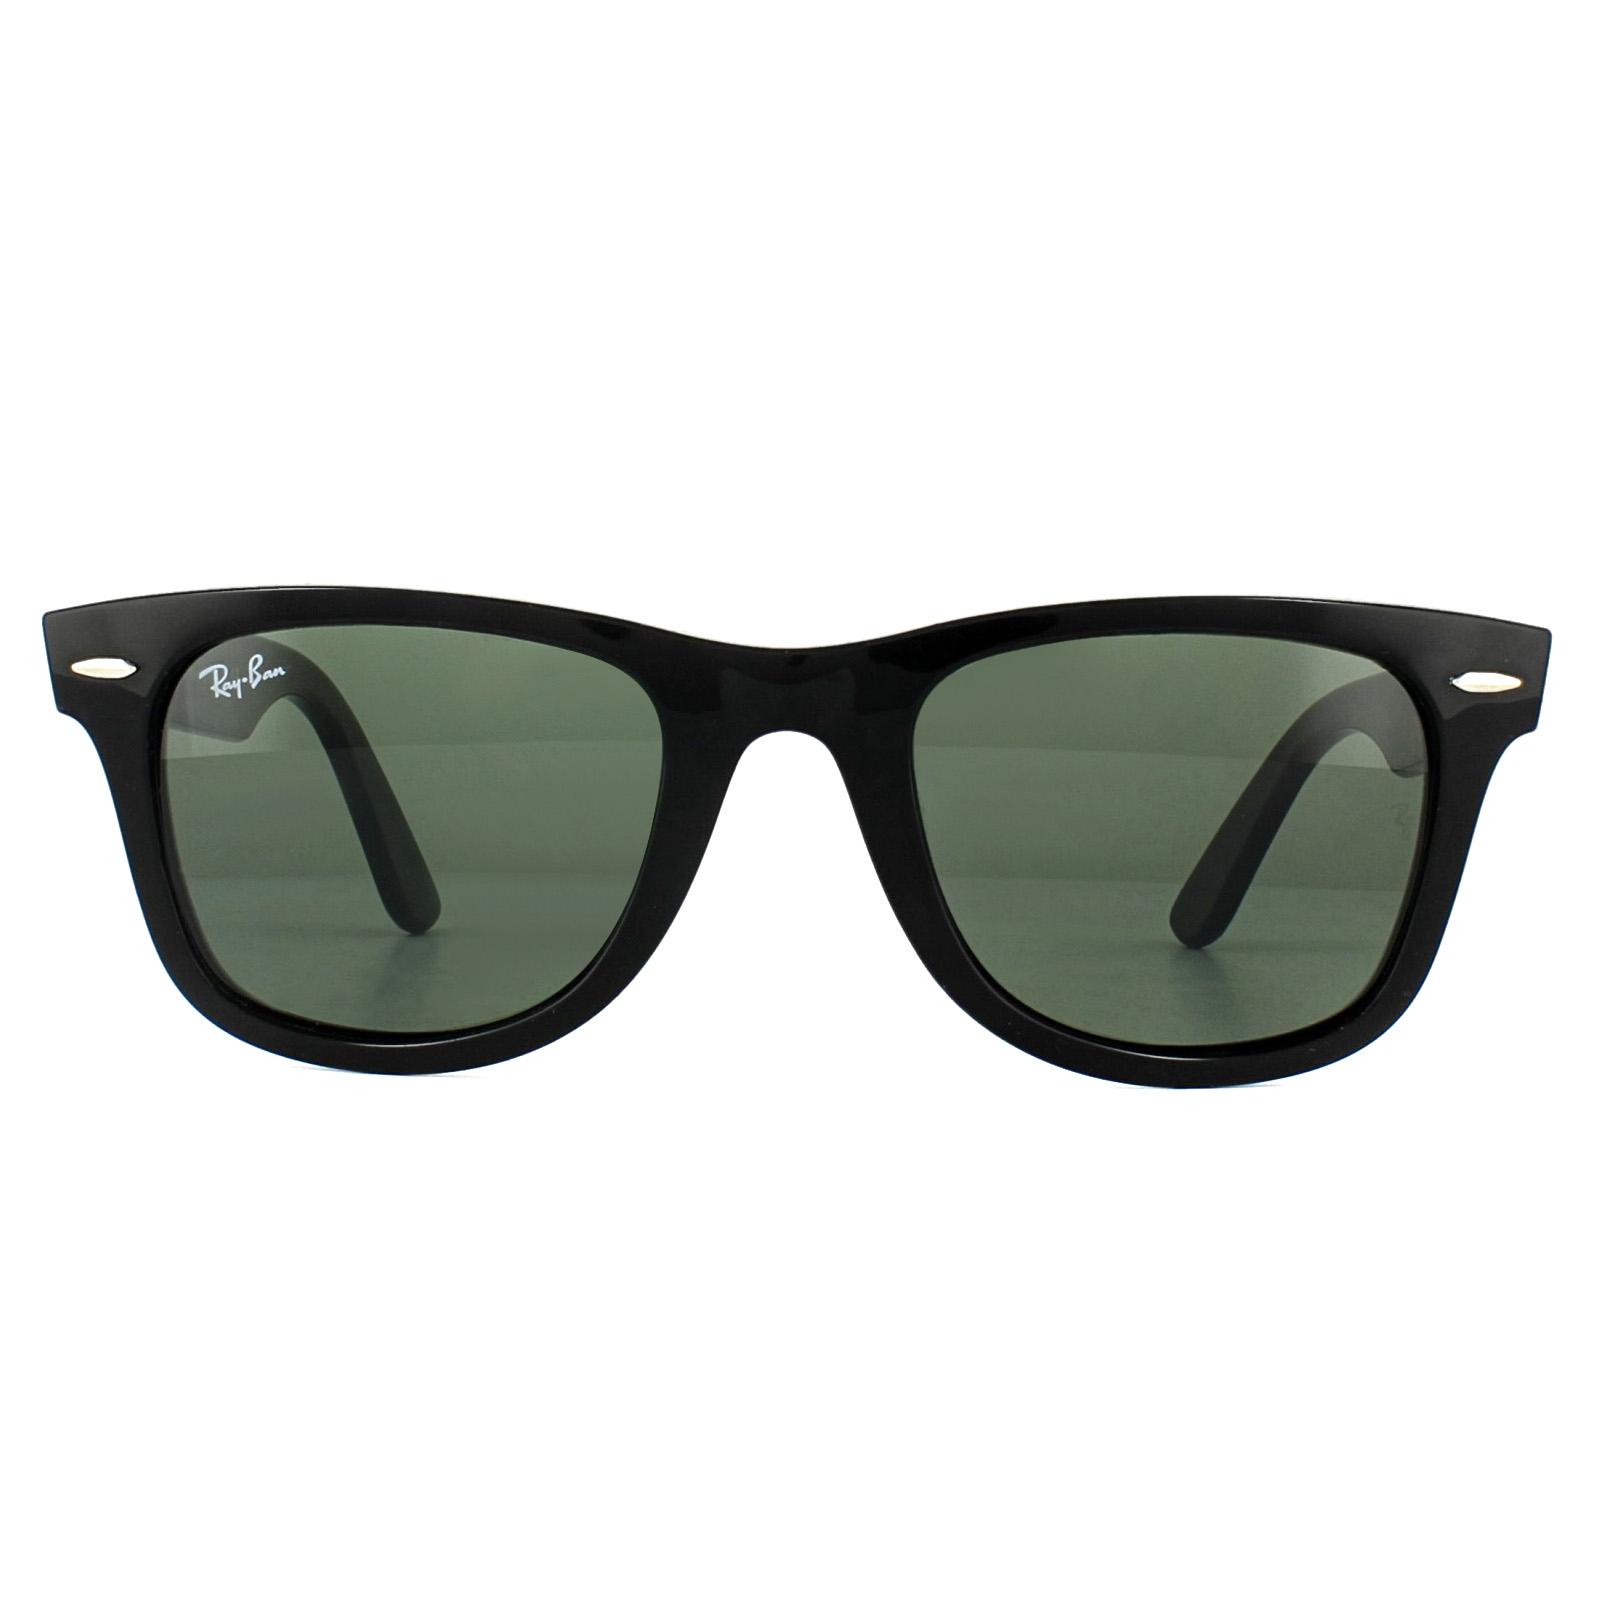 5af83c0623944 Sentinel Ray-Ban Sunglasses Wayfarer Ease RB4340 601 Black Green G-15